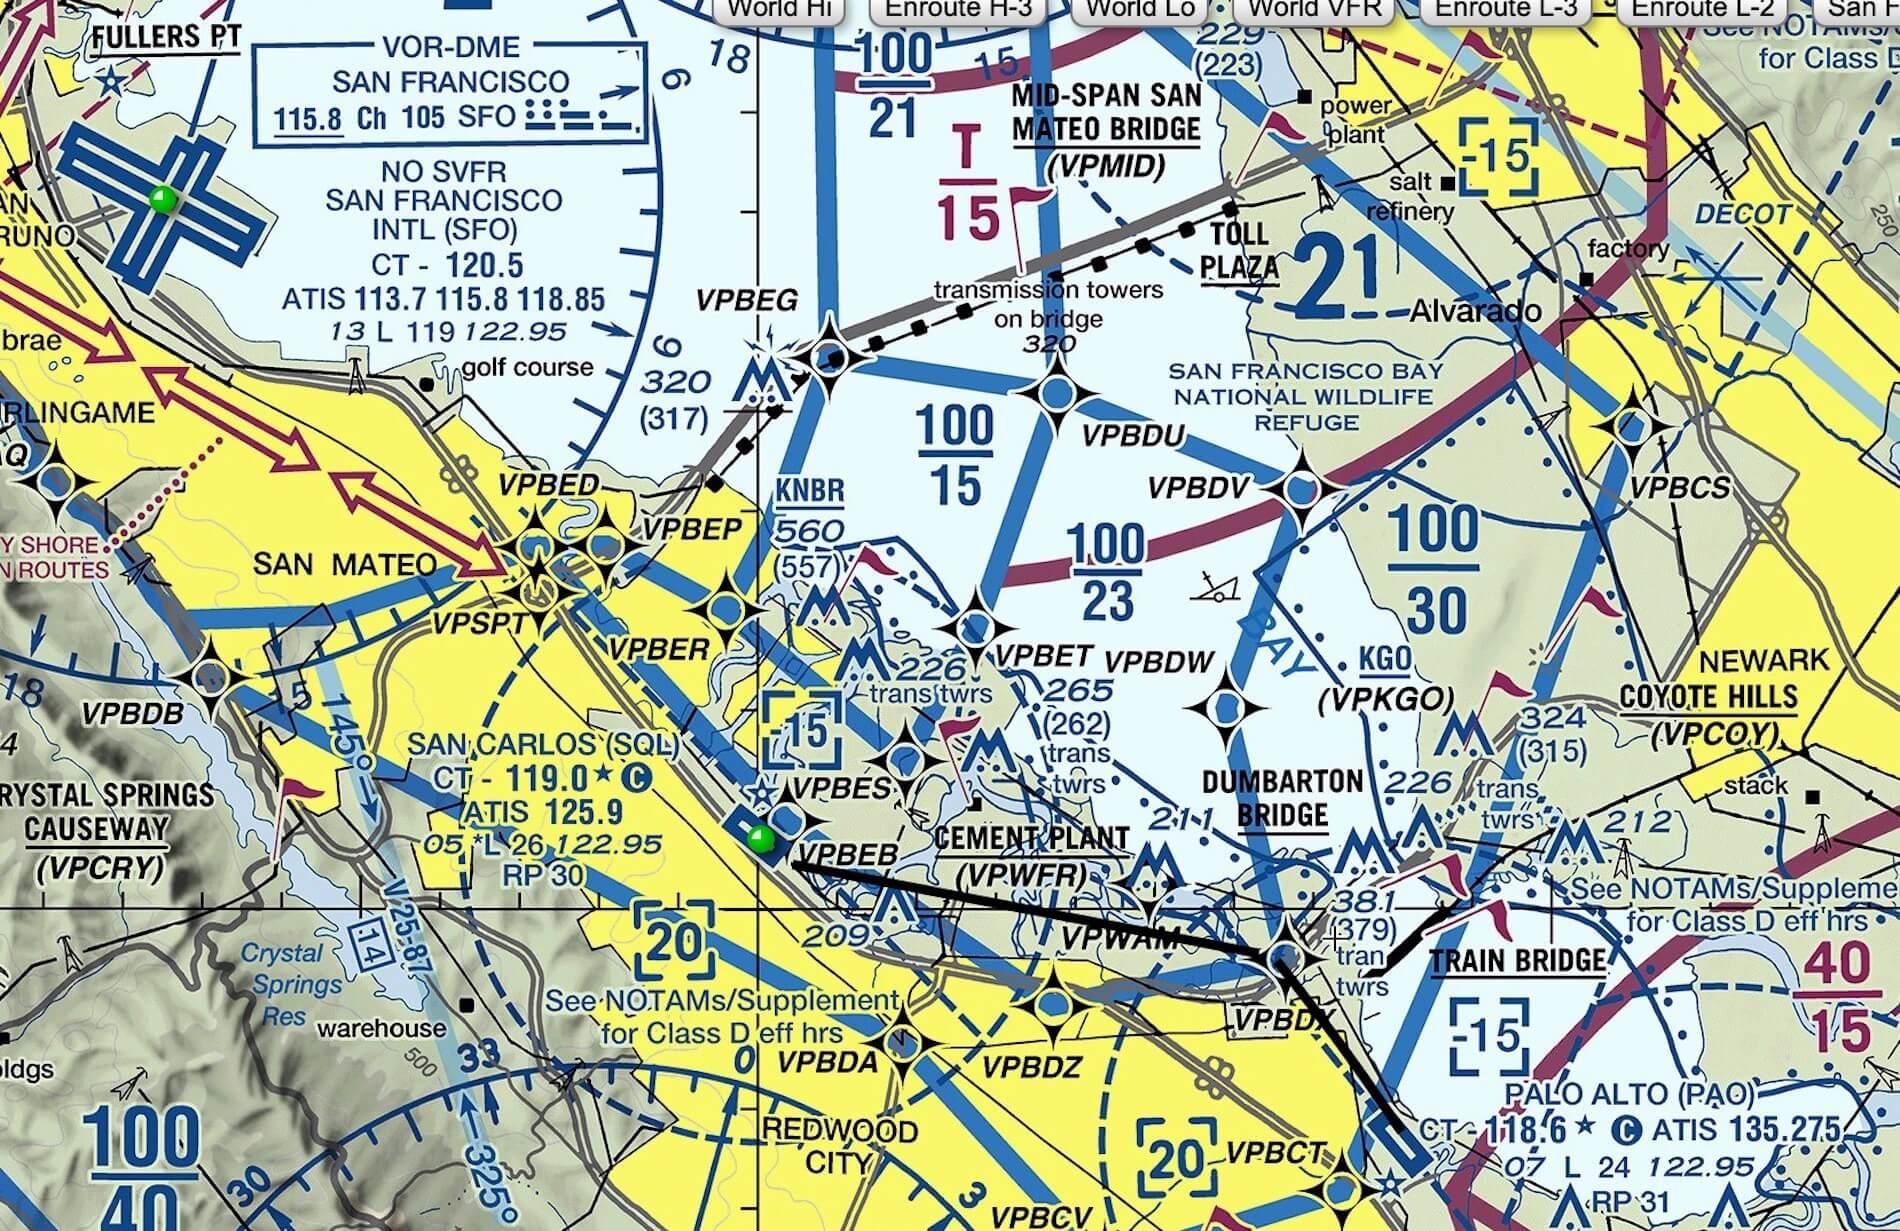 Aircraft Review | Carenado C177 Cardinal | X-Plained, the Source for ...